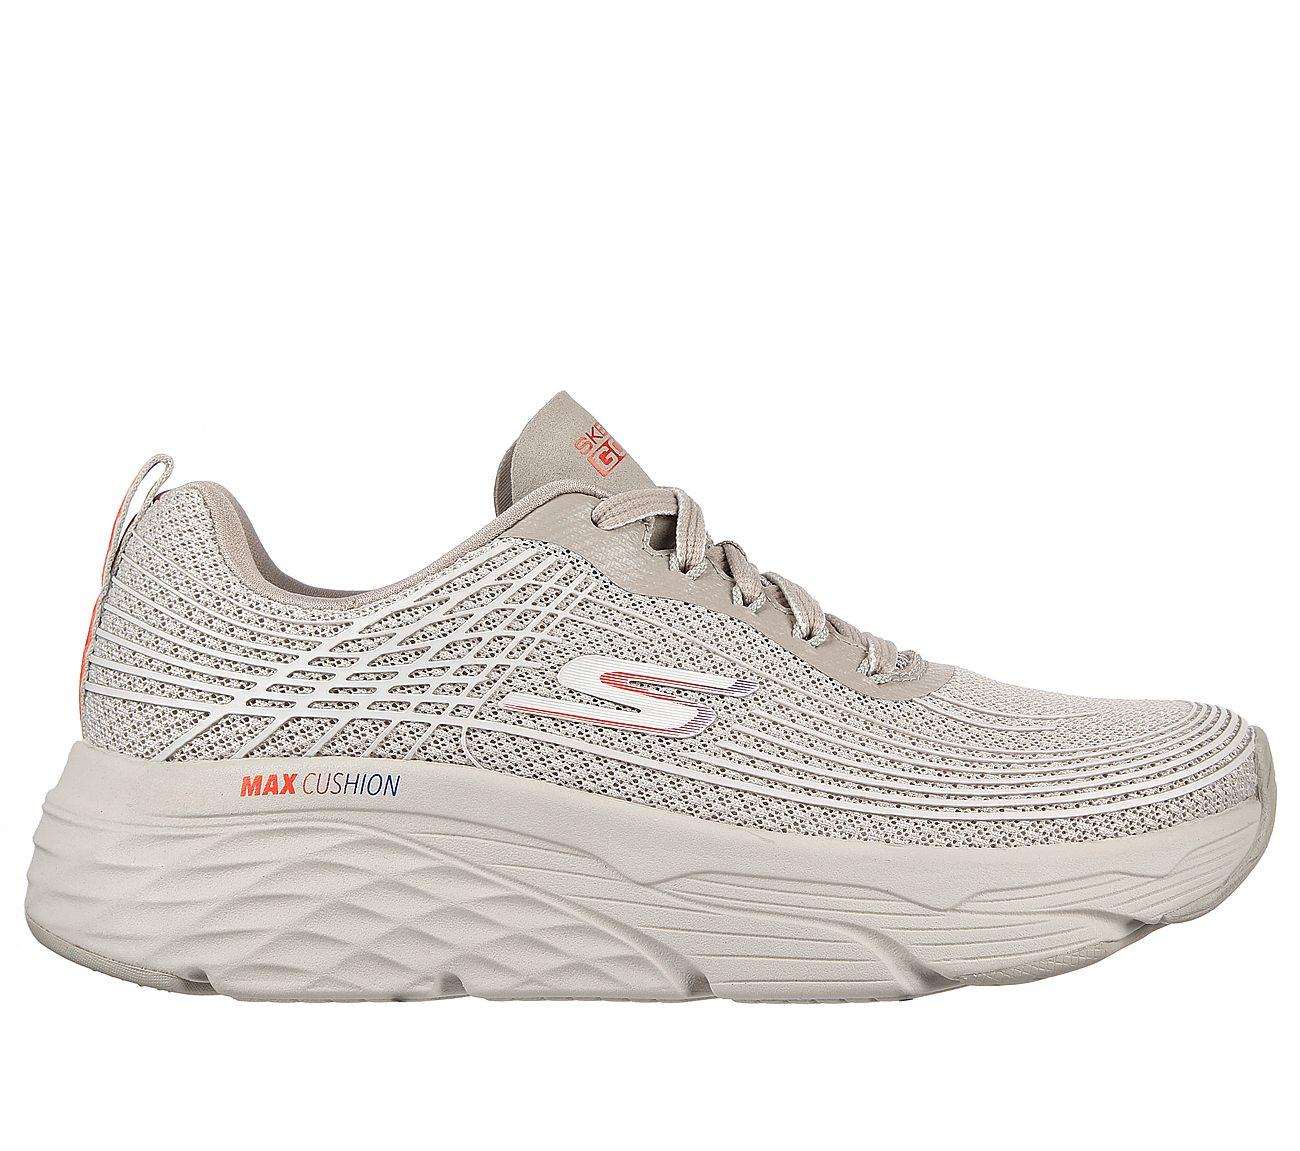 En respuesta a la pecador Temporada  Buy SKECHERS Skechers Max Cushioning Elite Skechers Max Cushioning Shoes